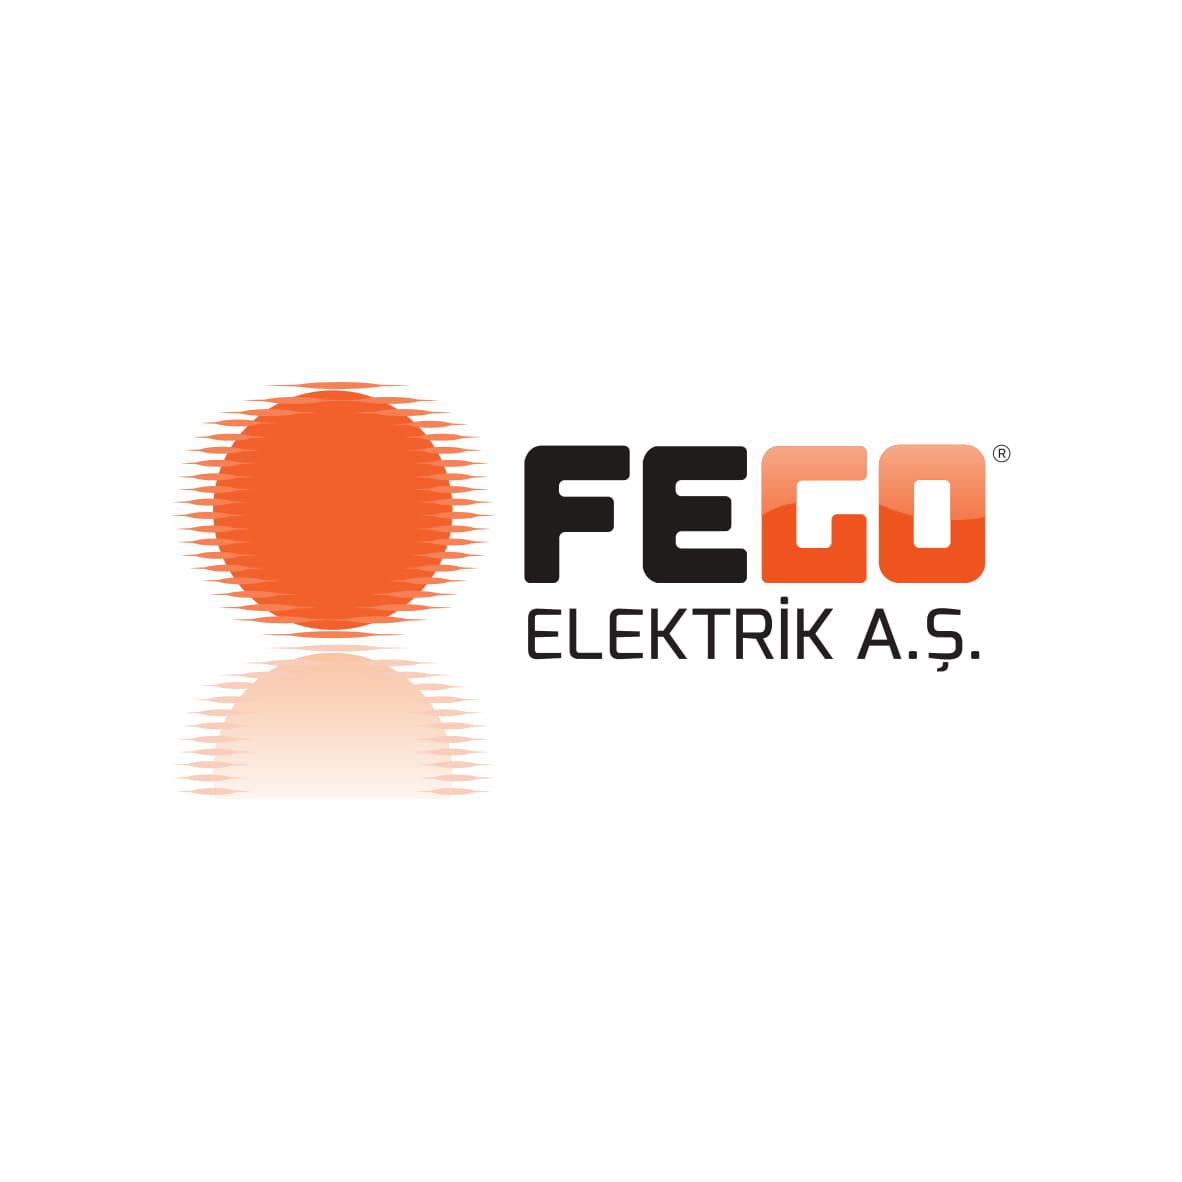 FEGO ELEKTRIK A.S.